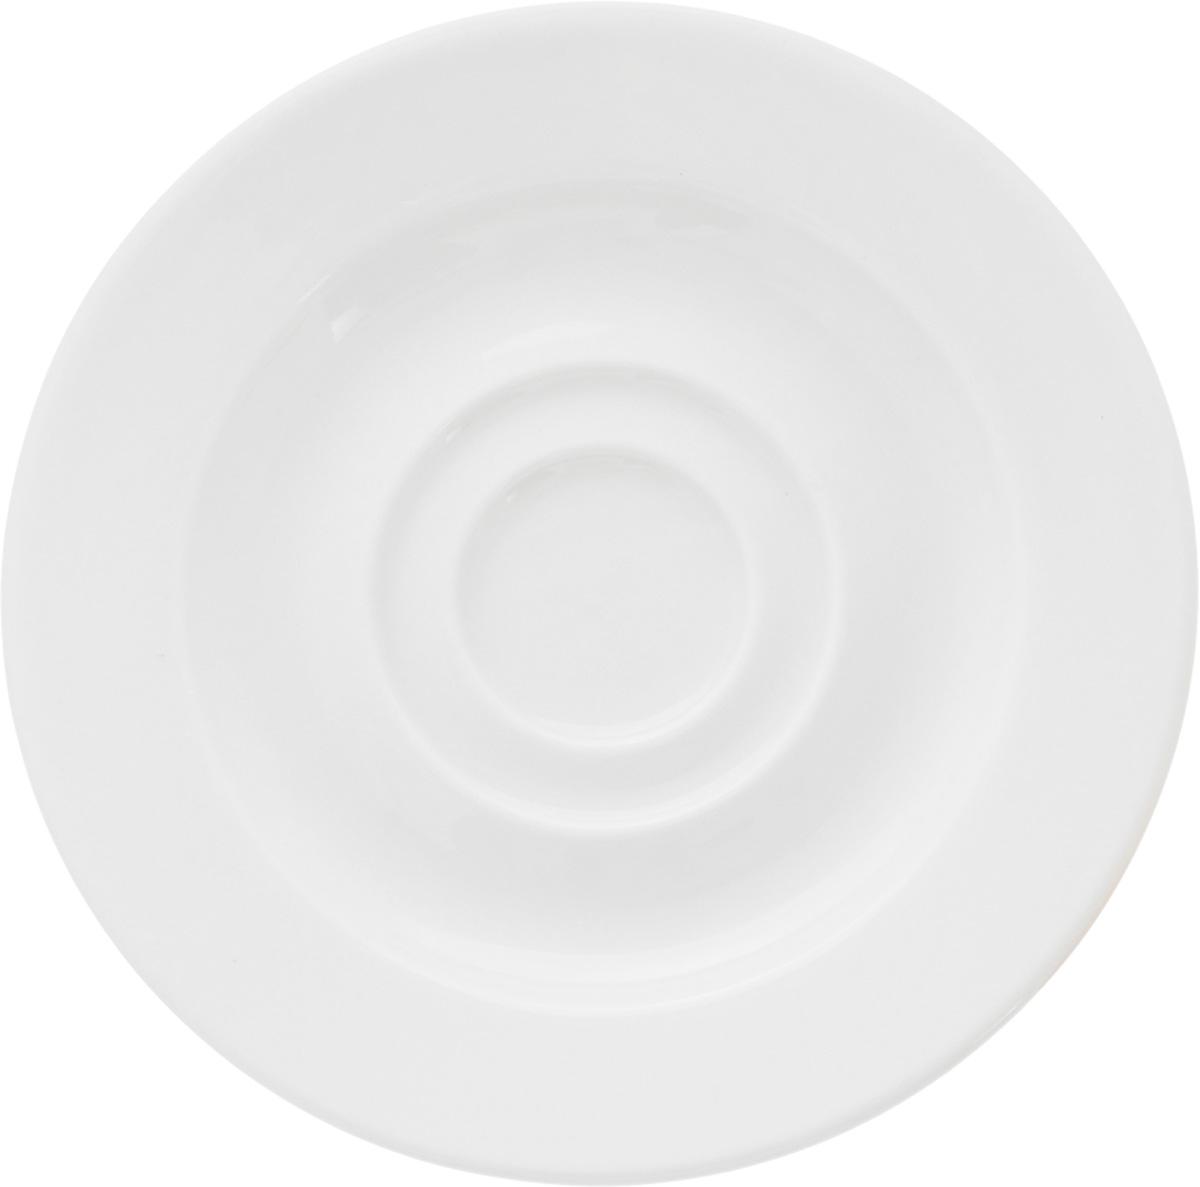 Блюдце Ariane Прайм, диаметр 12,5 смAPRARN14013Оригинальное блюдце Ariane Прайм изготовлено из фарфора с глазурованным покрытием. Изделие сочетает в себе классический дизайн с максимальной функциональностью. Блюдце прекрасно впишется в интерьер вашей кухни и станет достойным дополнением к кухонному инвентарю. Можно мыть в посудомоечной машине и использовать в микроволновой печи. Диаметр блюдца (по верхнему краю): 12,5 см. Высота блюдца: 1,5 см.